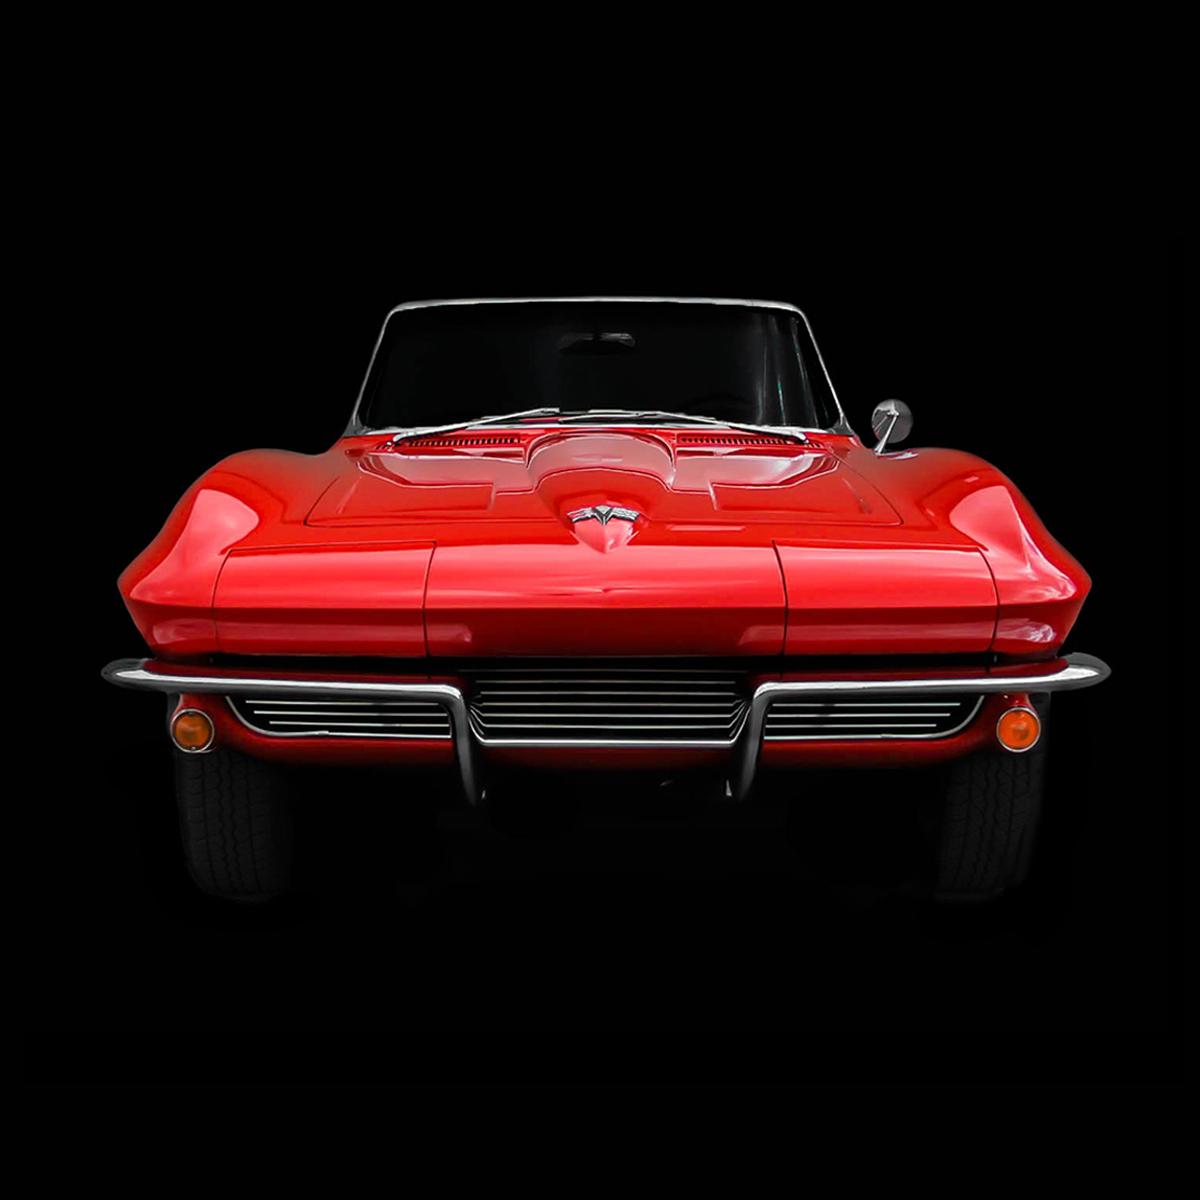 Voiture-ancienne-corvette-stingray-1964-front